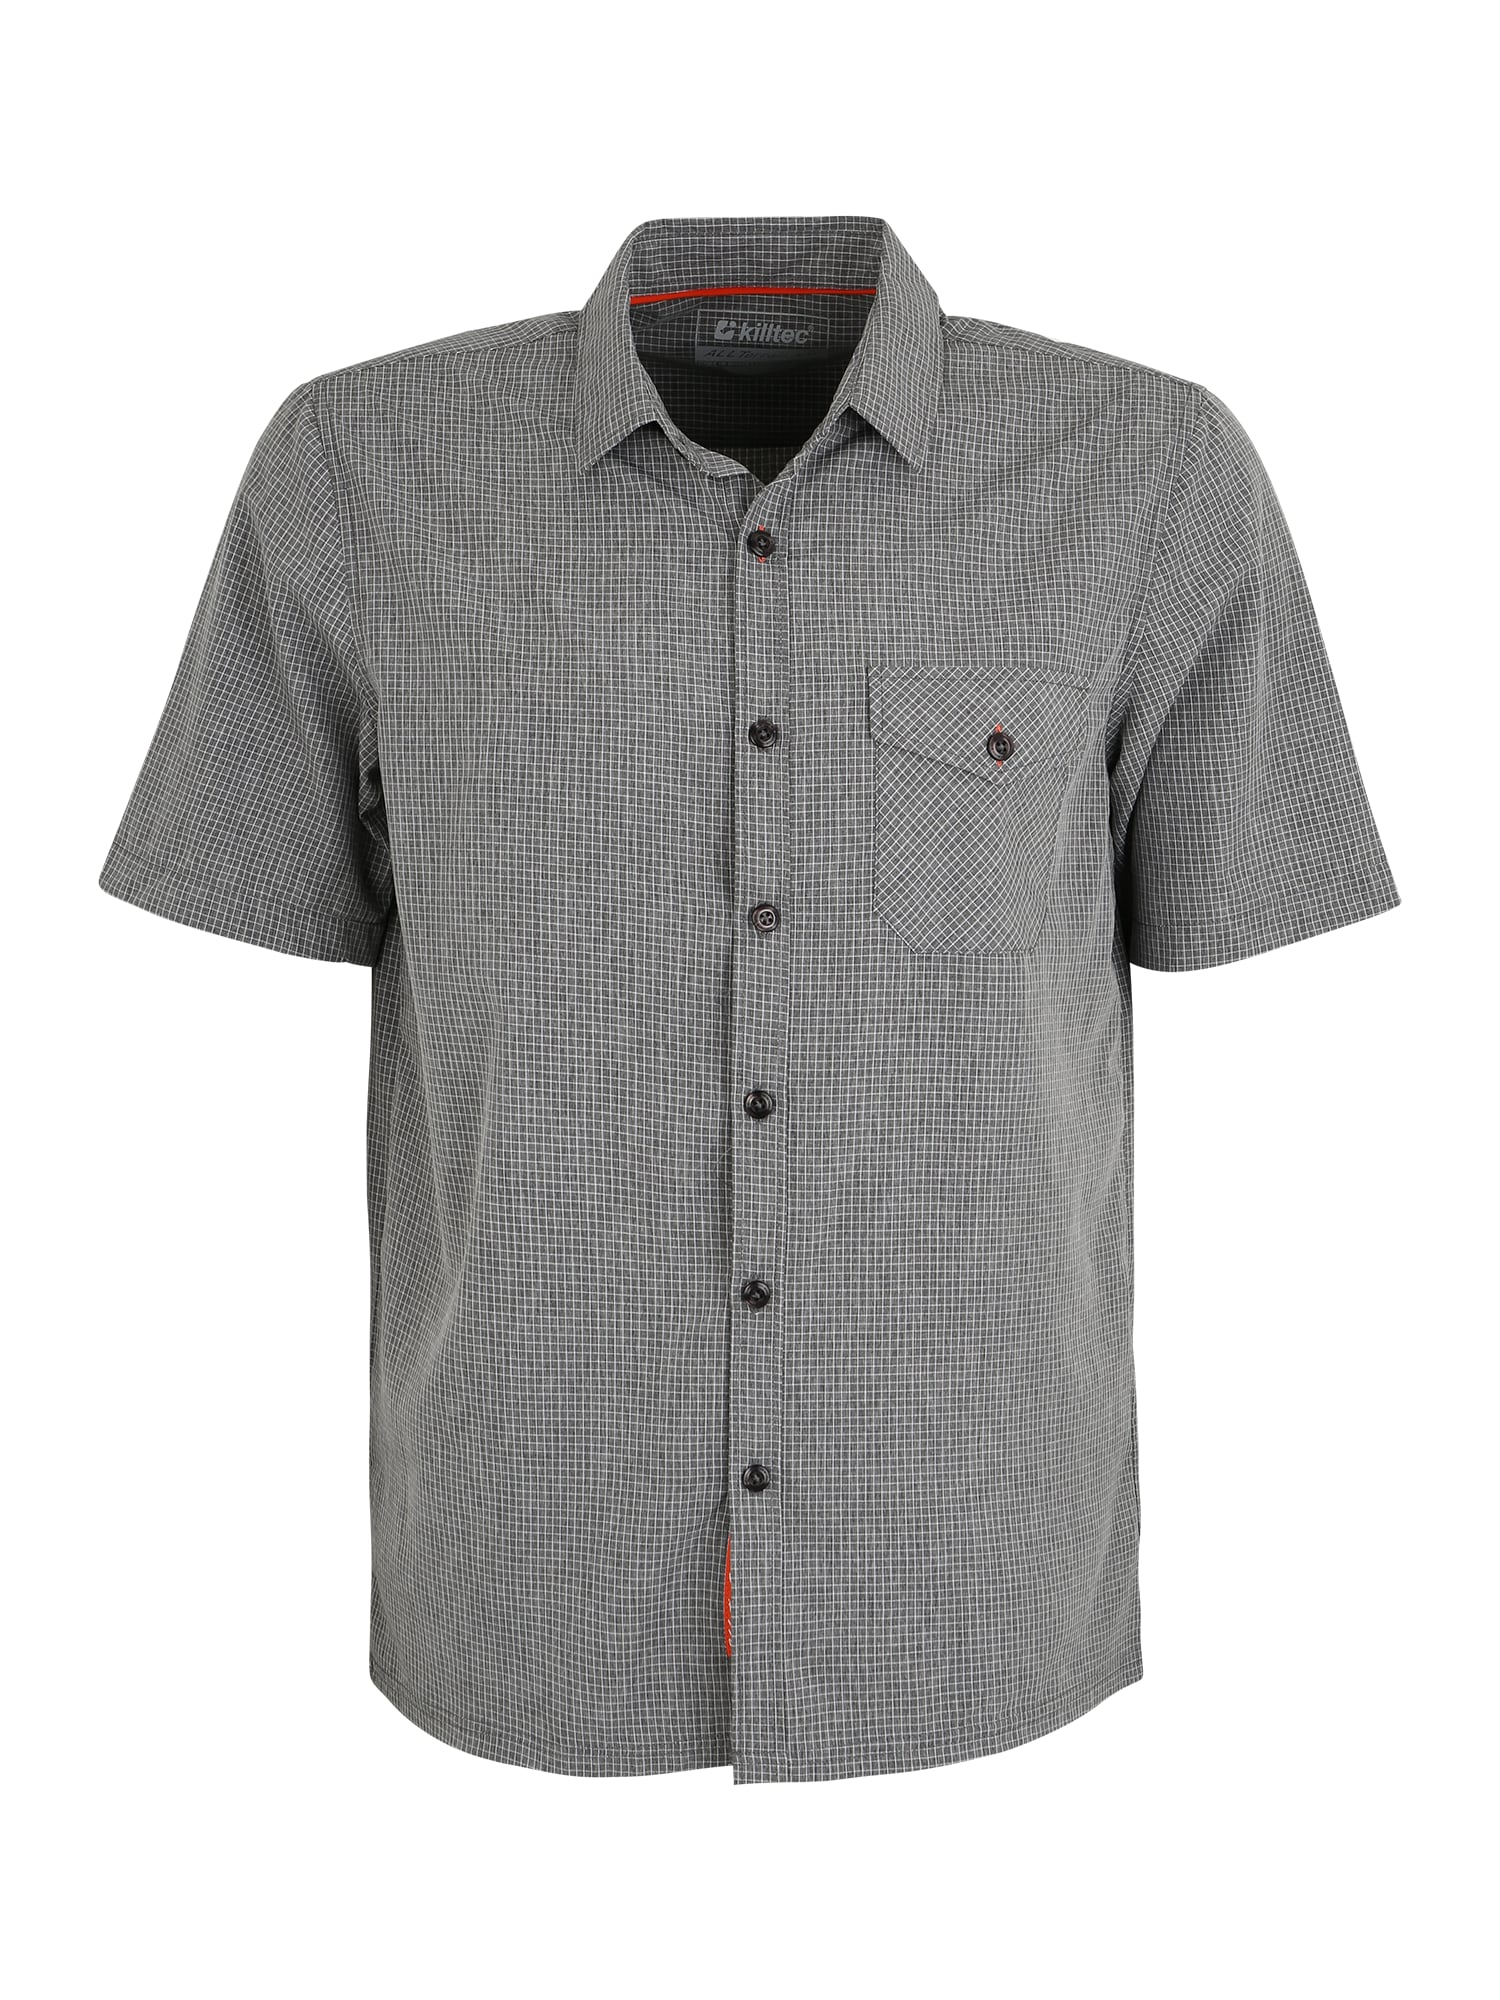 KILLTEC Funkciniai marškiniai 'Havon Checker' antracito